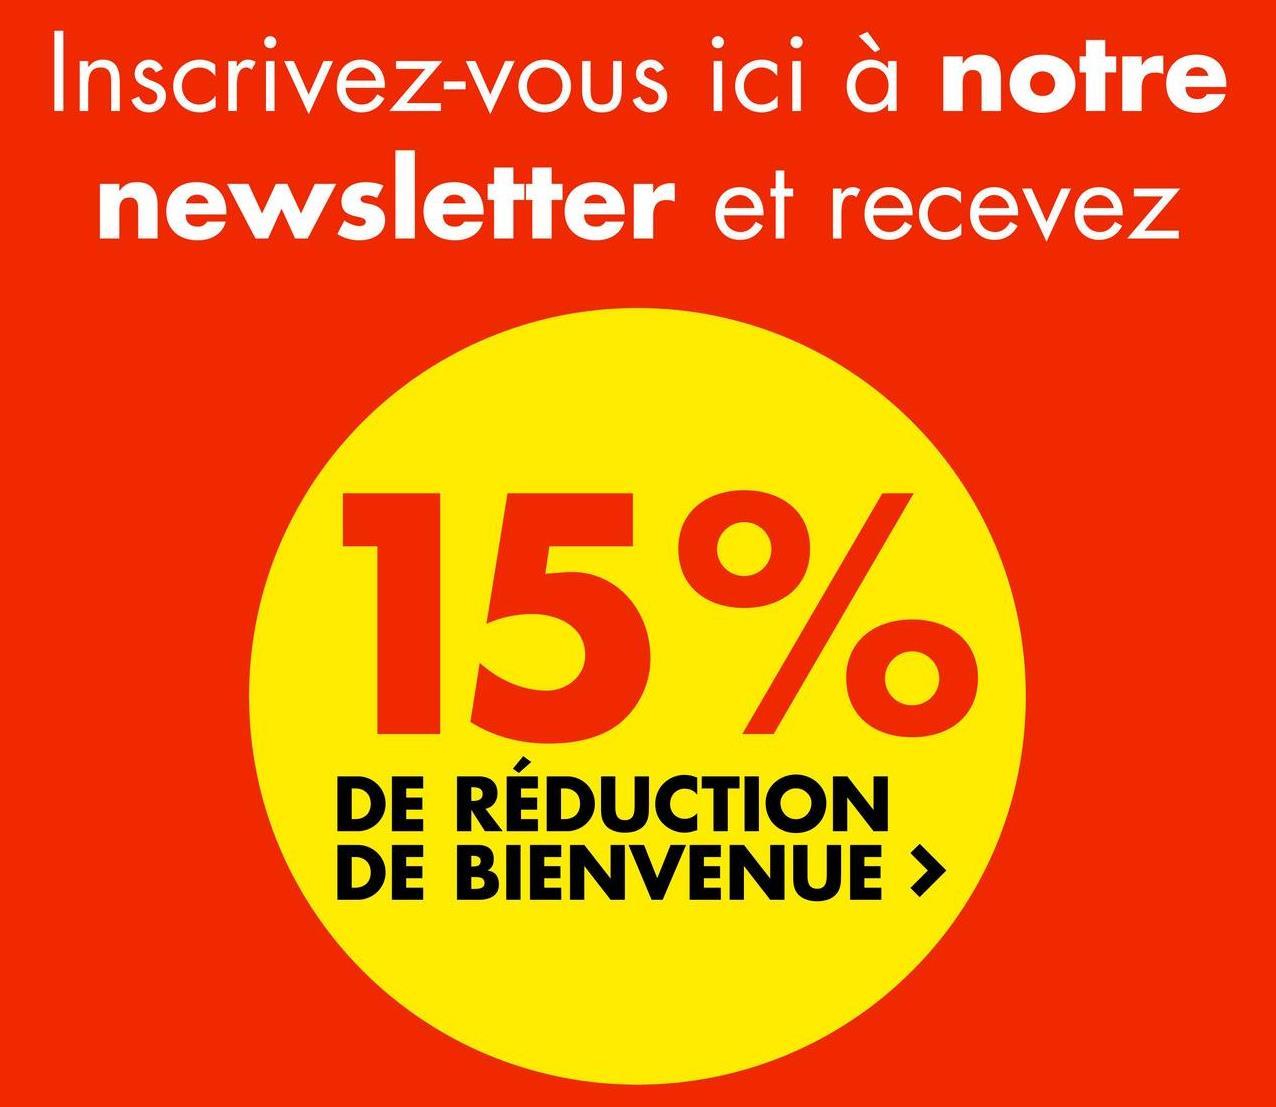 Inscrivez-vous ici à notre newsletter et recevez 15% DE RÉDUCTION DE BIENVENUE >